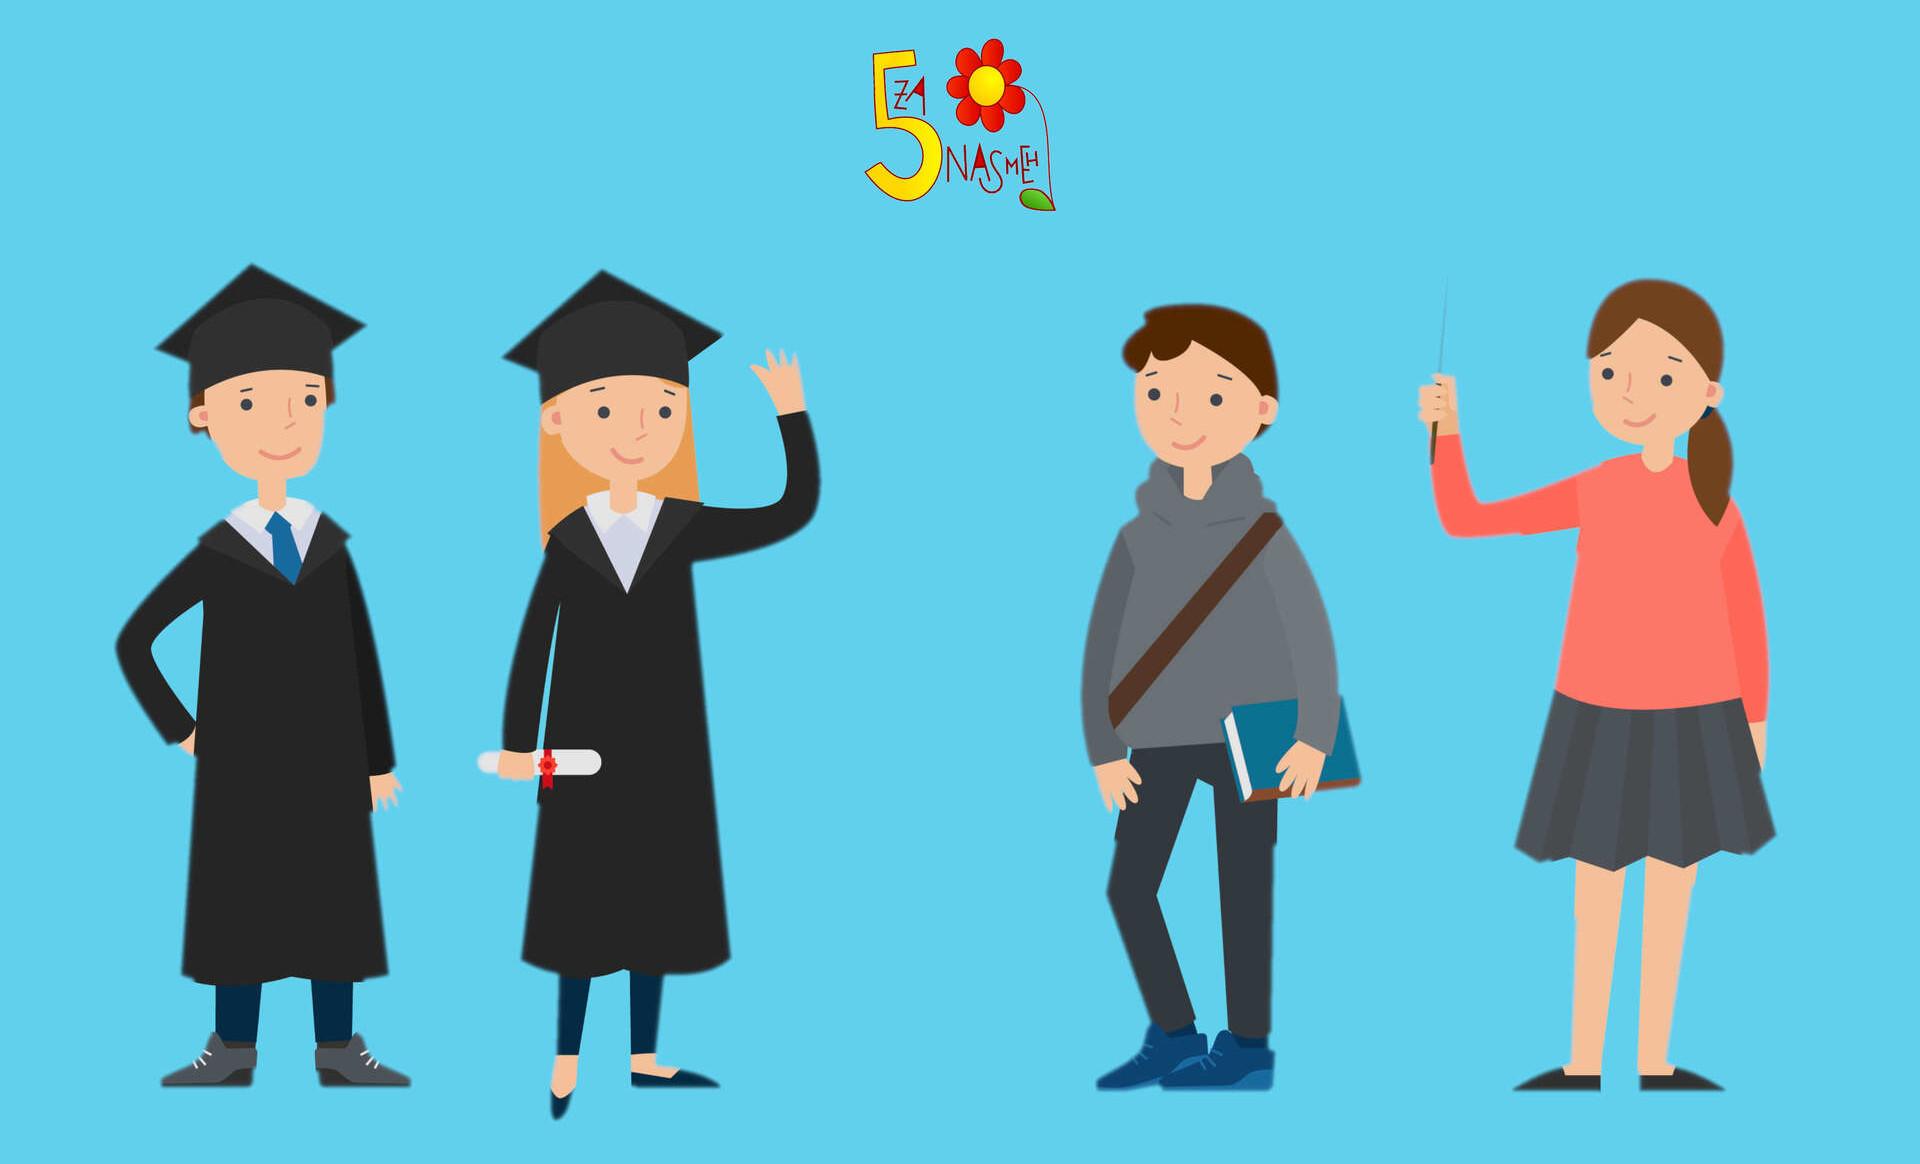 Študentom v stiski (zaključeno)